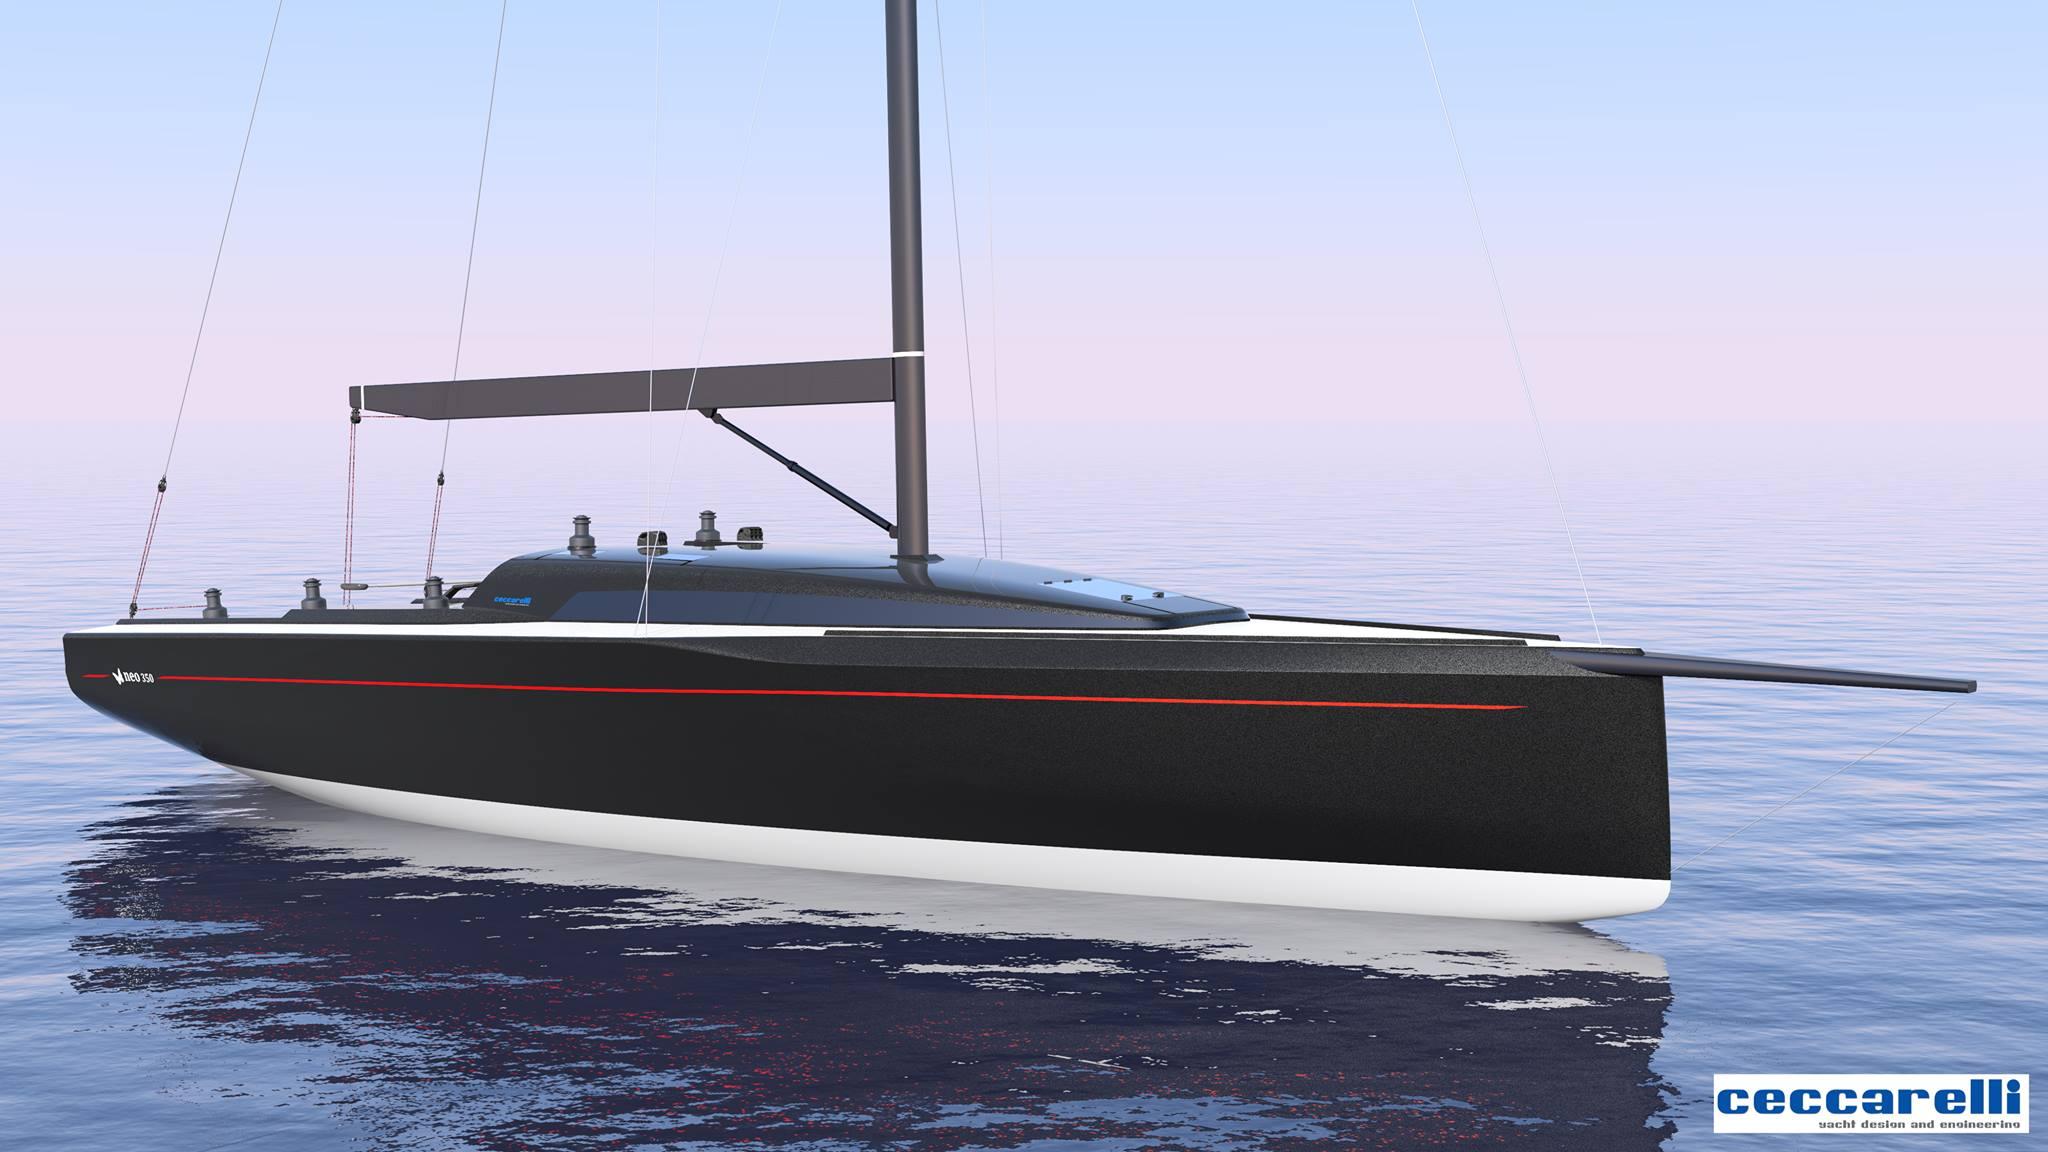 neo yachts neo 350 02